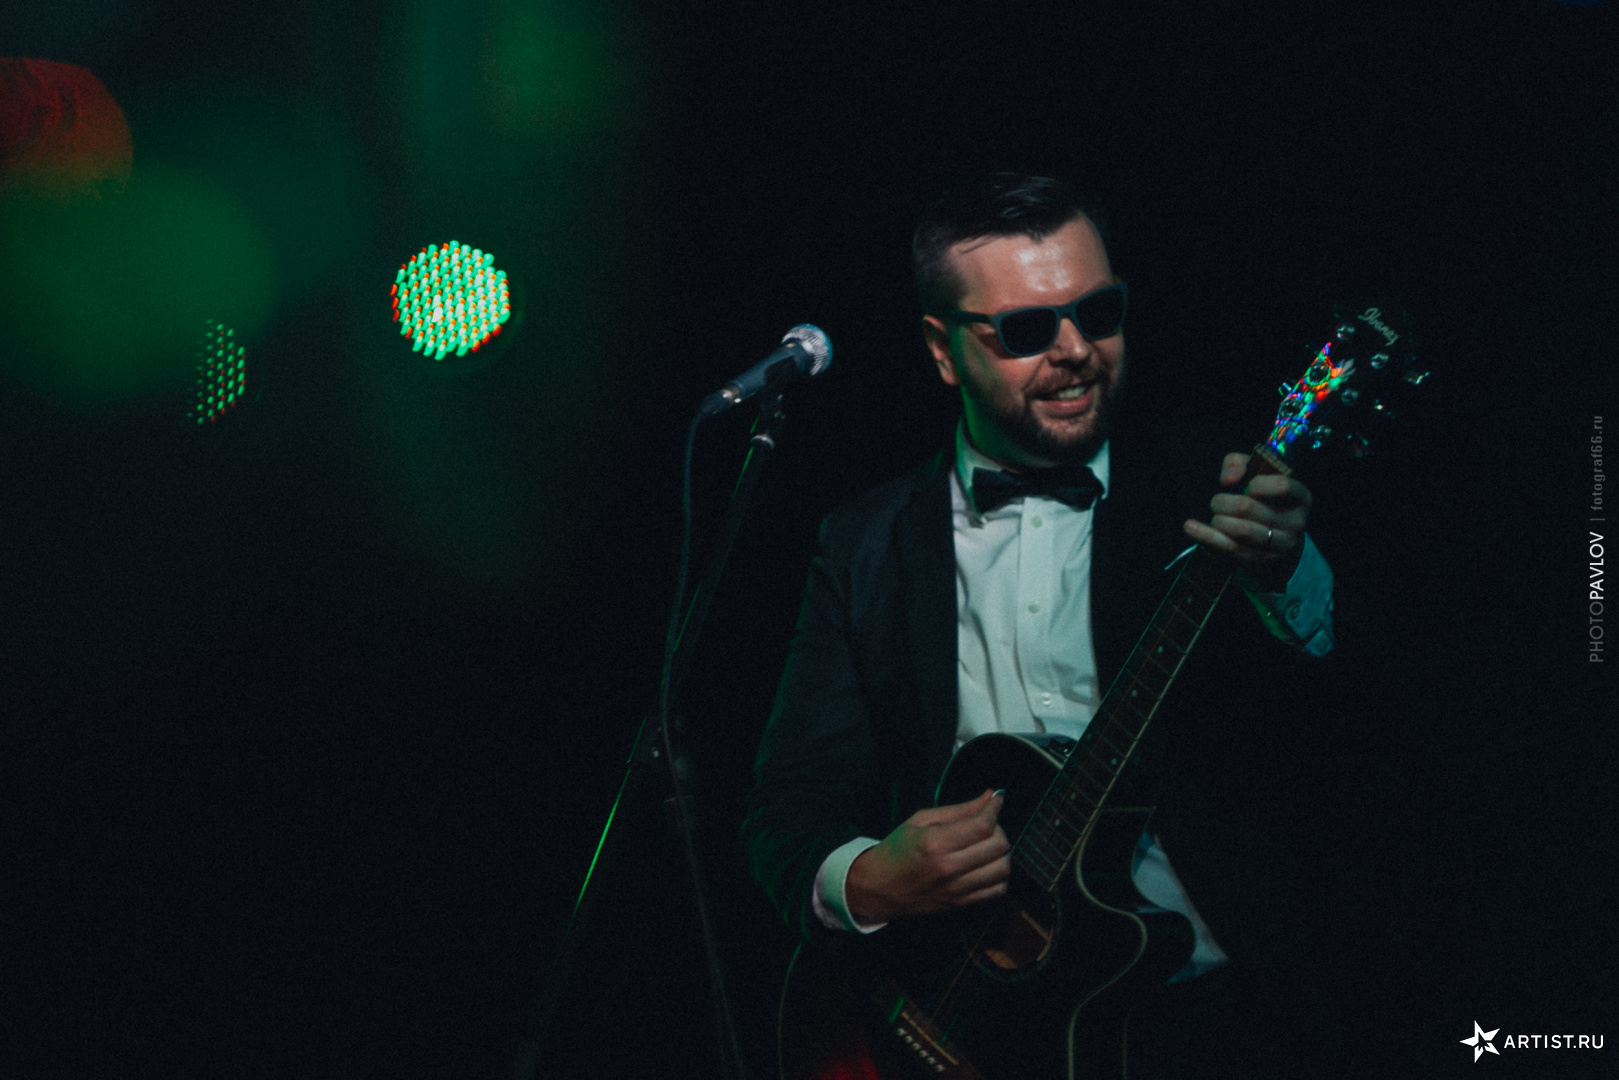 Фото 11 из 18 из альбома В Театре Эстрады  СУХОВ band (сухов бэнд)